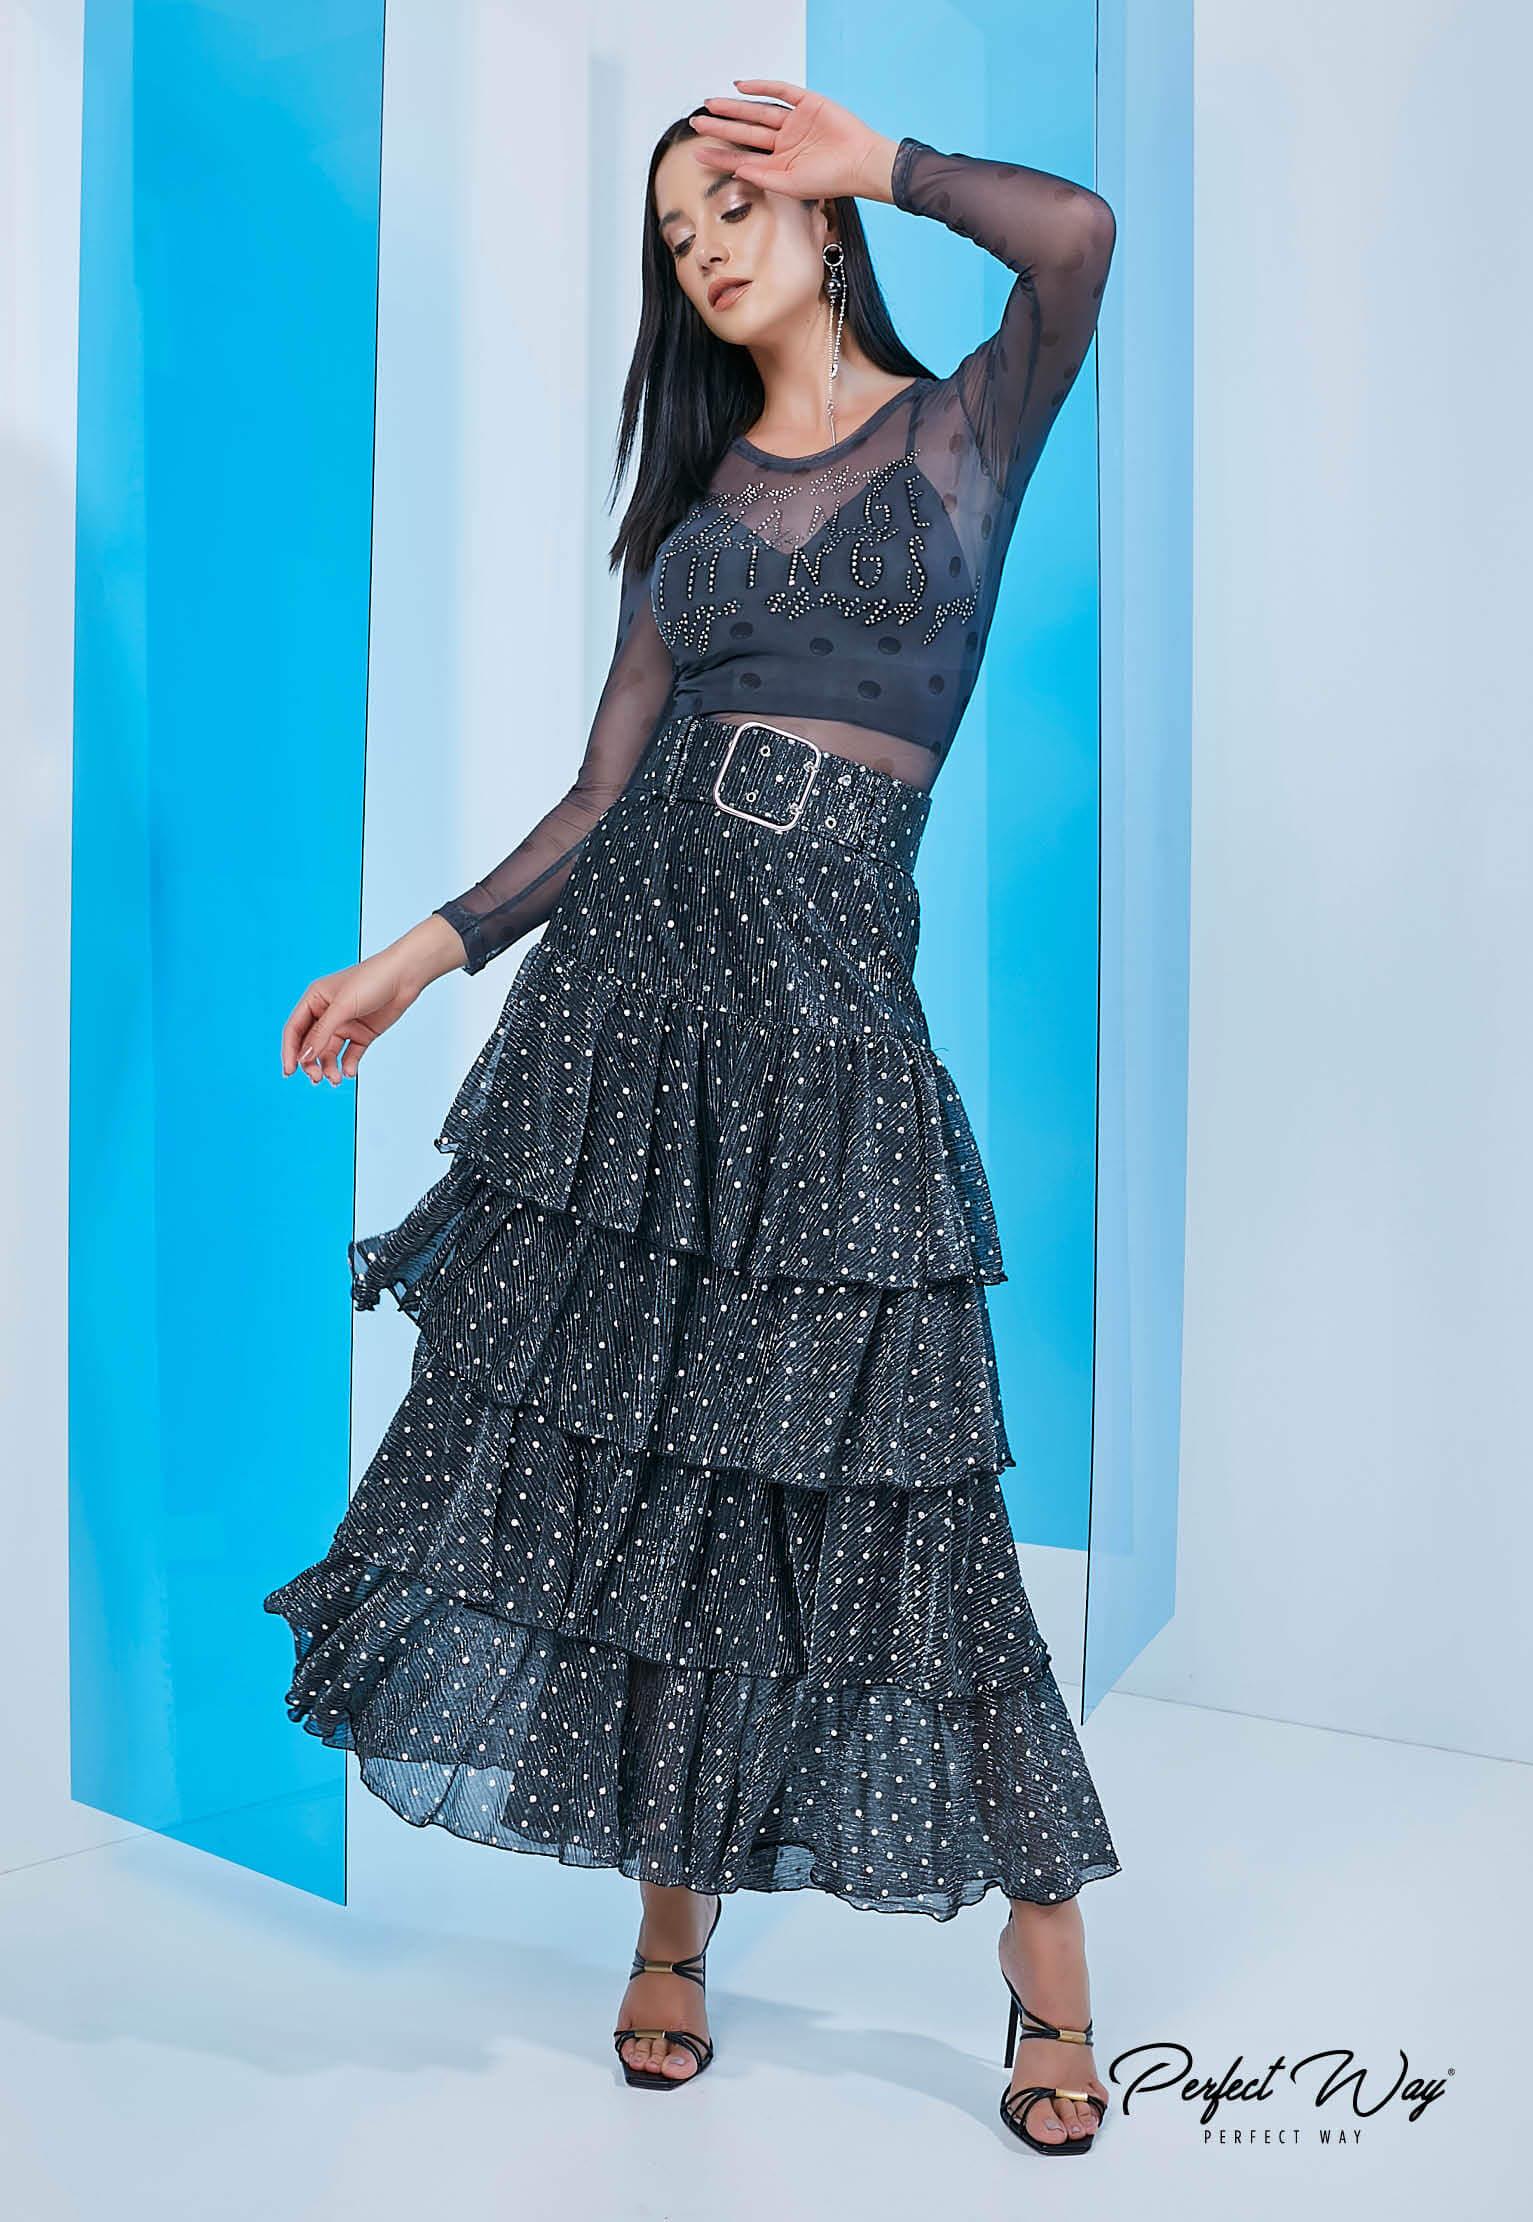 Perfect Way - CONJUNTO blusa estampa exclusiva + SAIA longuete com cinto